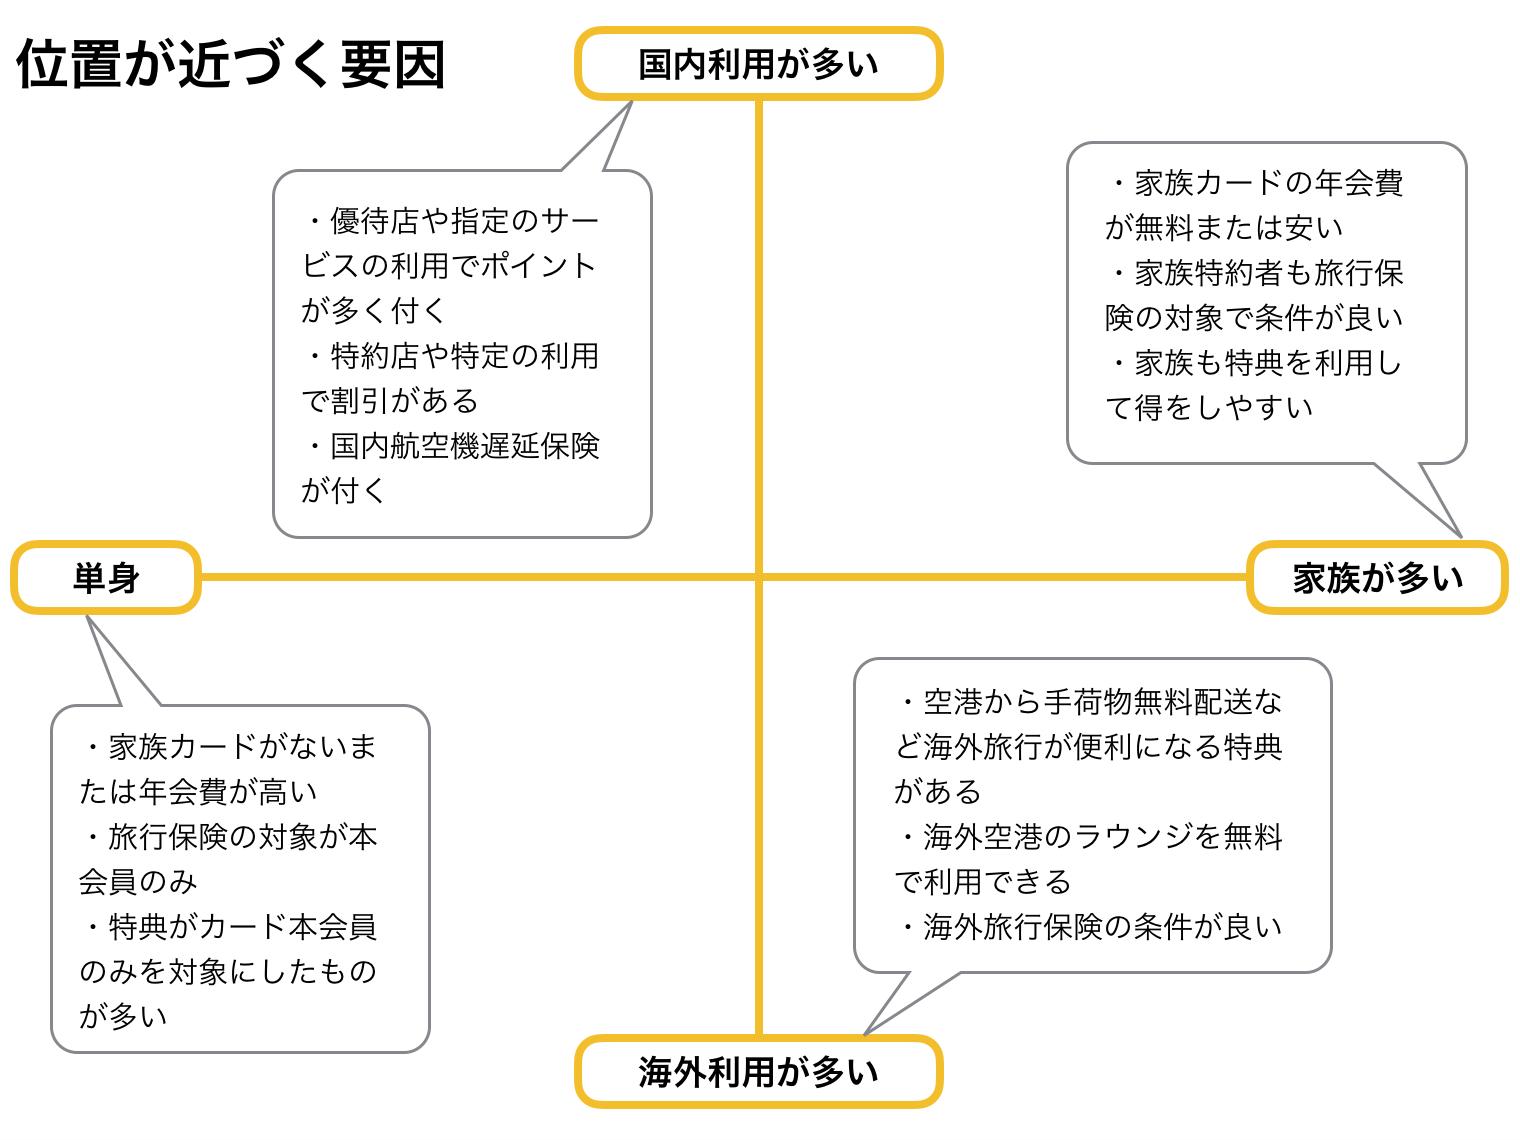 ゴールドカード おすすめのポジショニングマップ(軸説明)